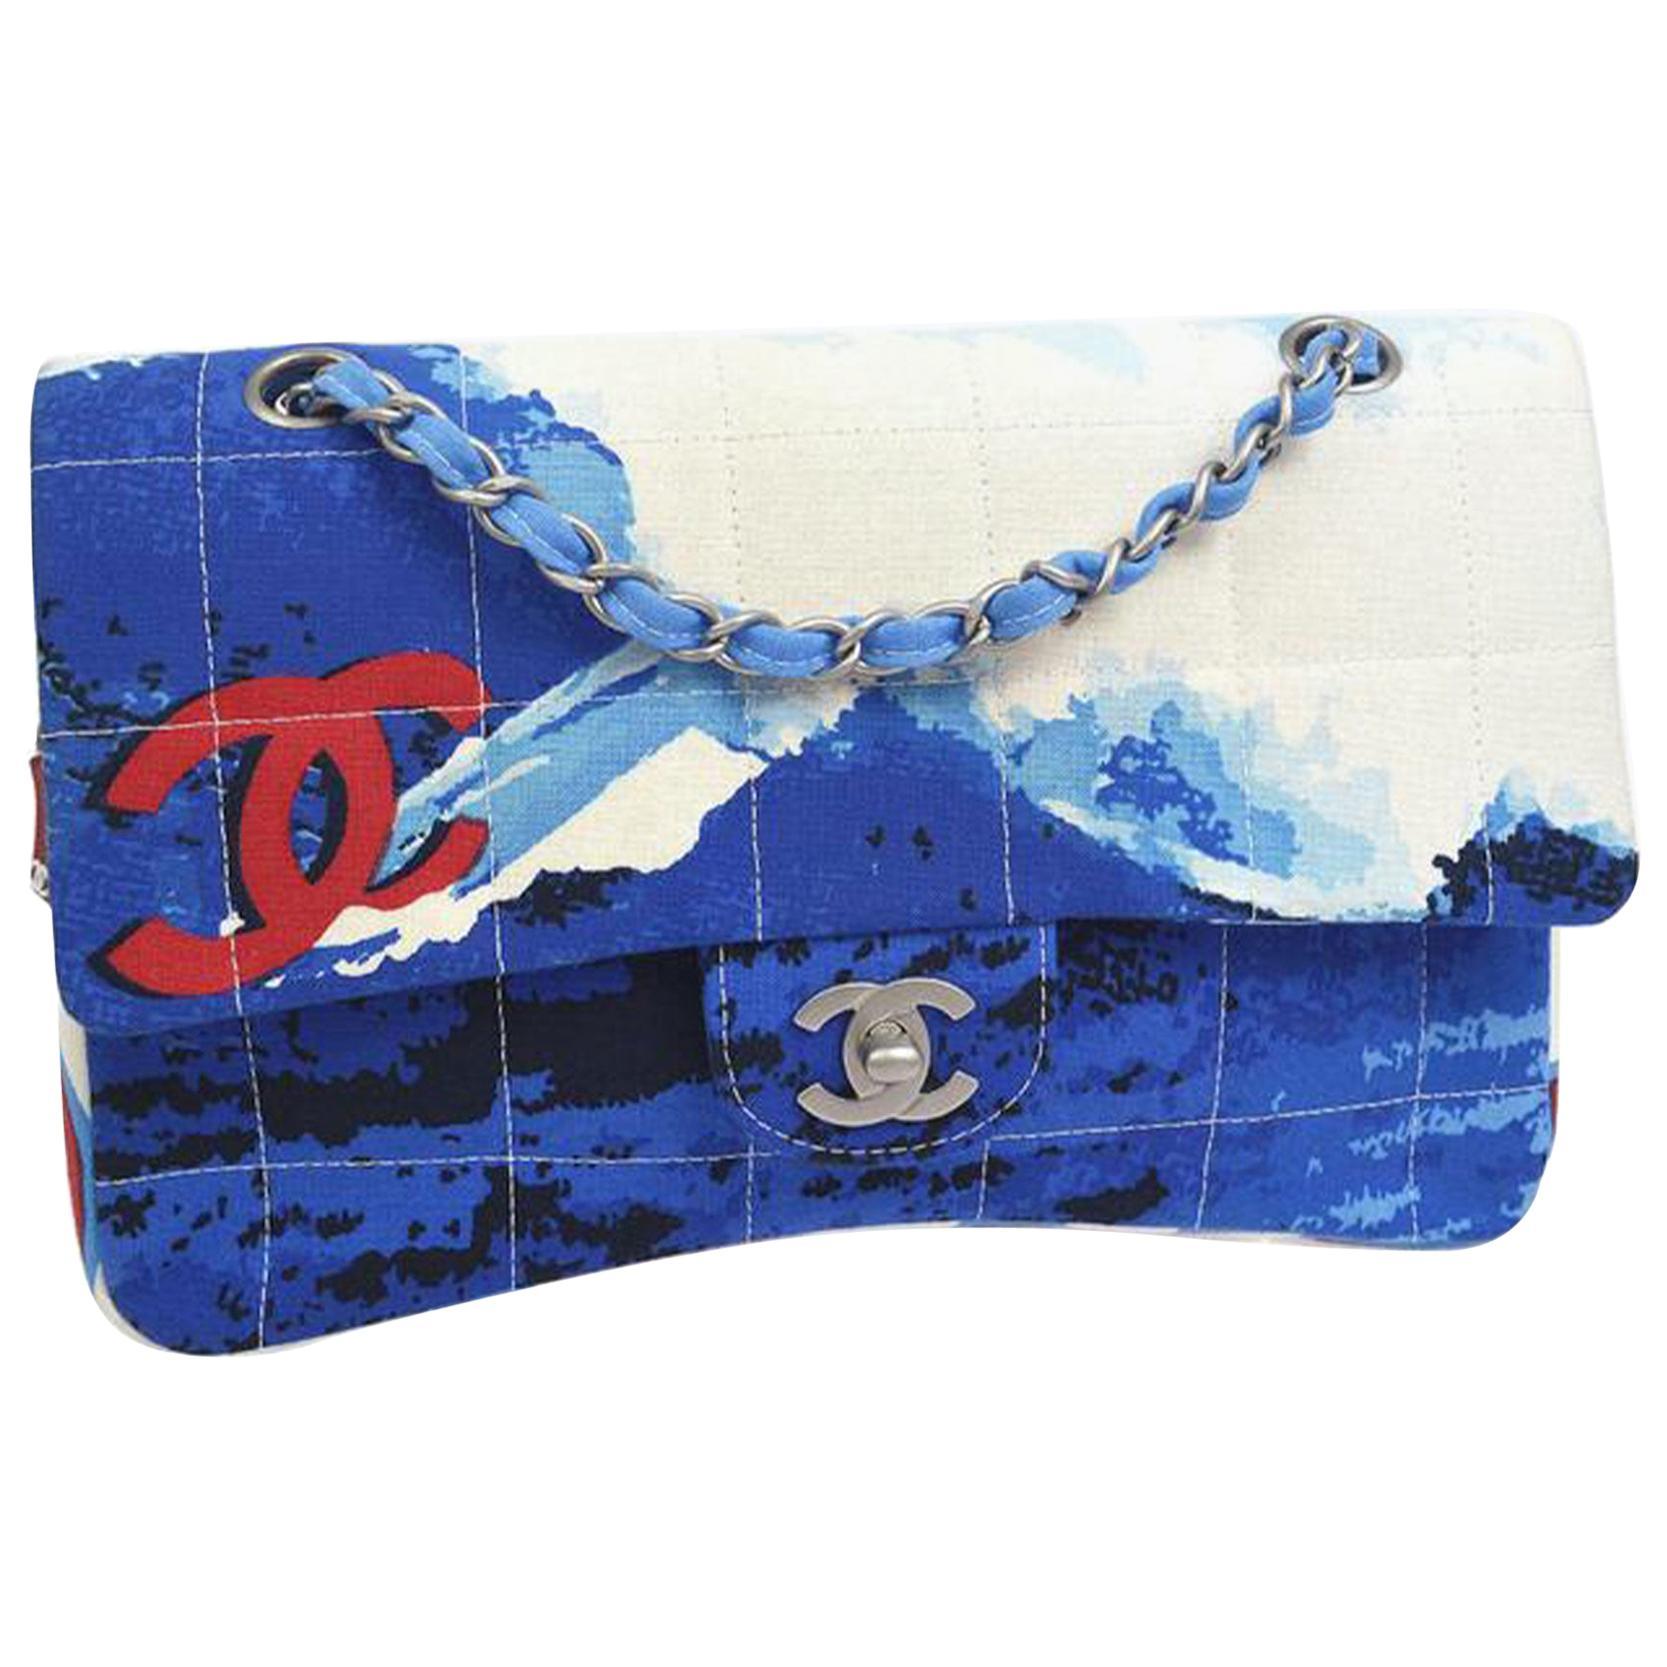 Chanel Vintage Rare Surf Sport Blue White Red Canvas Shoulder Bag